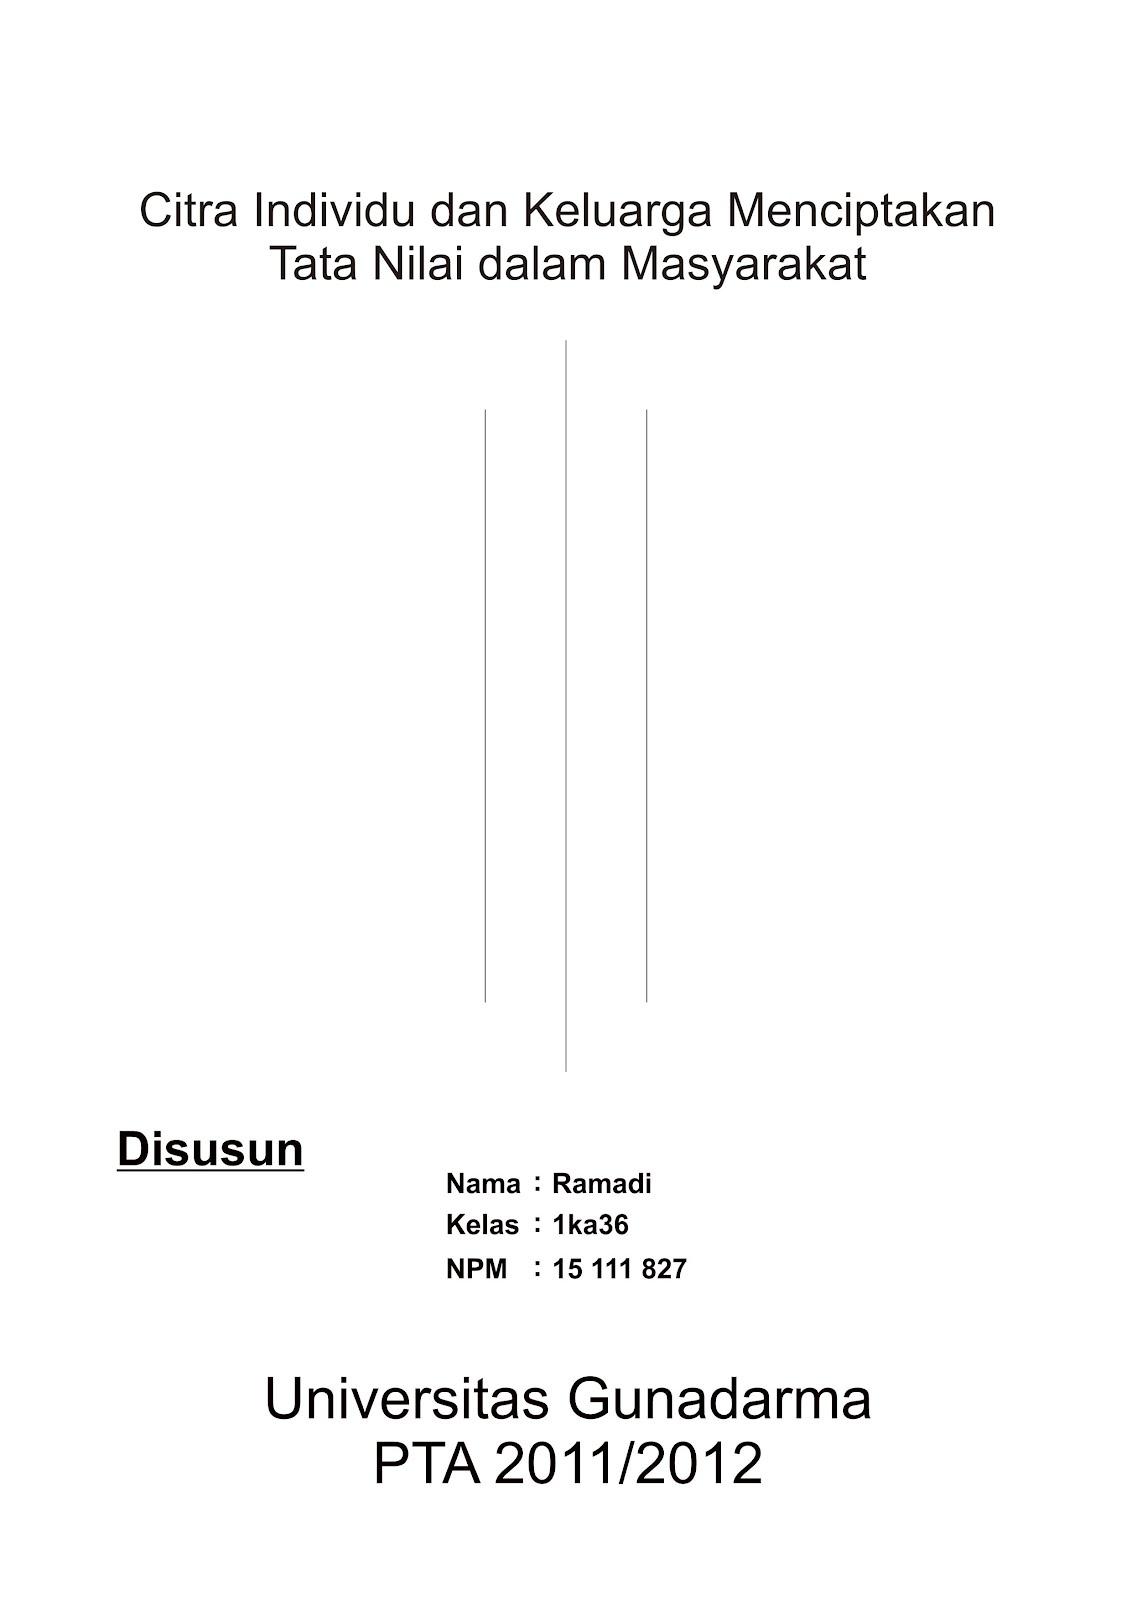 Contoh Makalah Gunadarma Cards Of